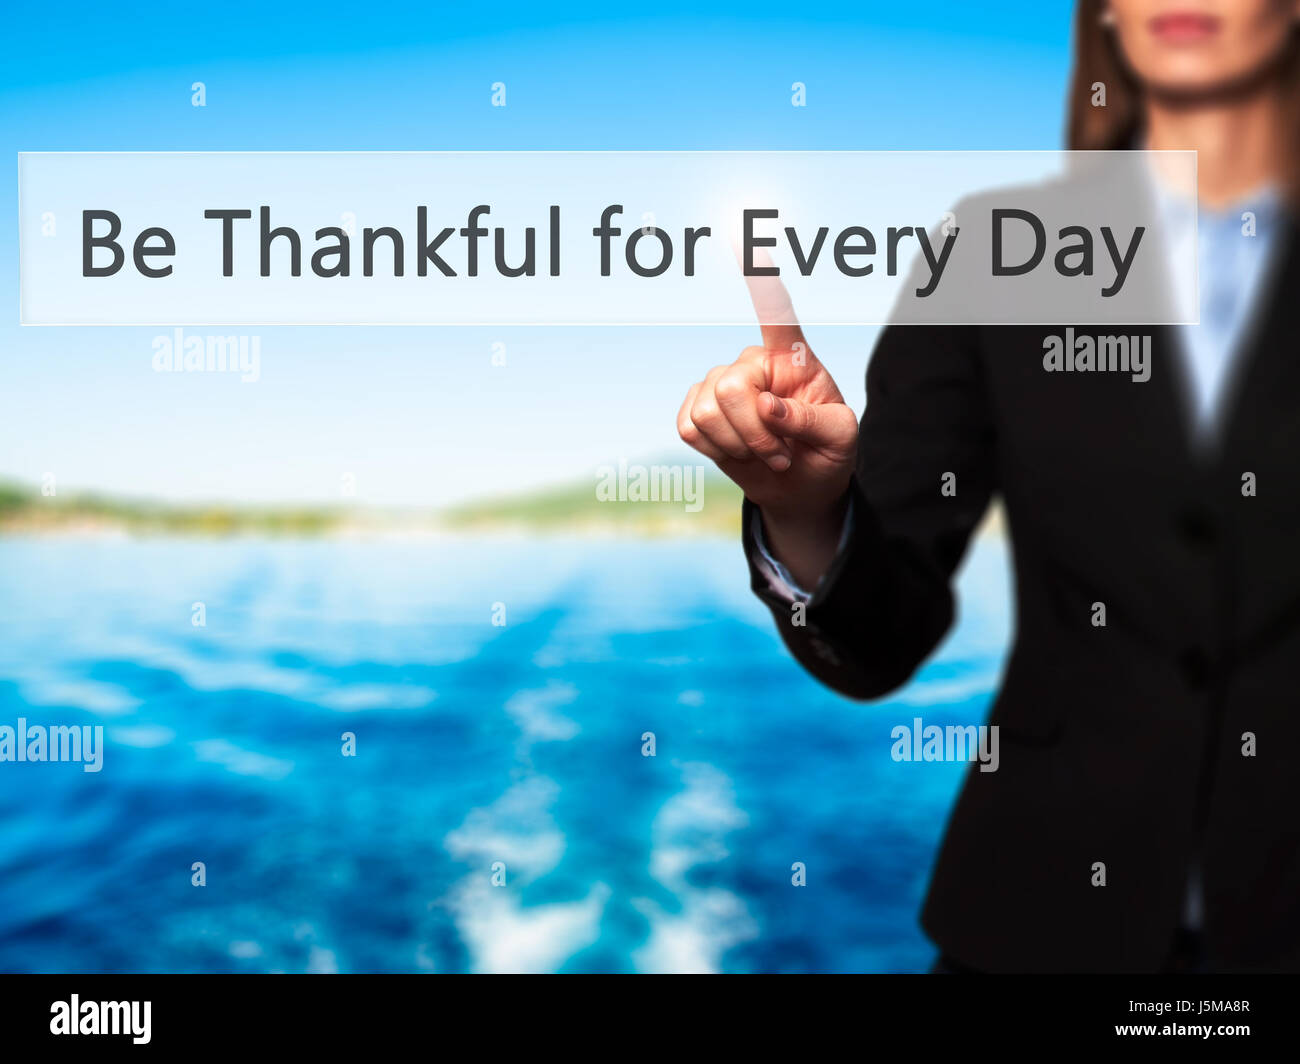 Ser agradecidos por cada día - Mujer tocando el botón virtual. Concepto de empresa, internet. Stock Photo Imagen De Stock